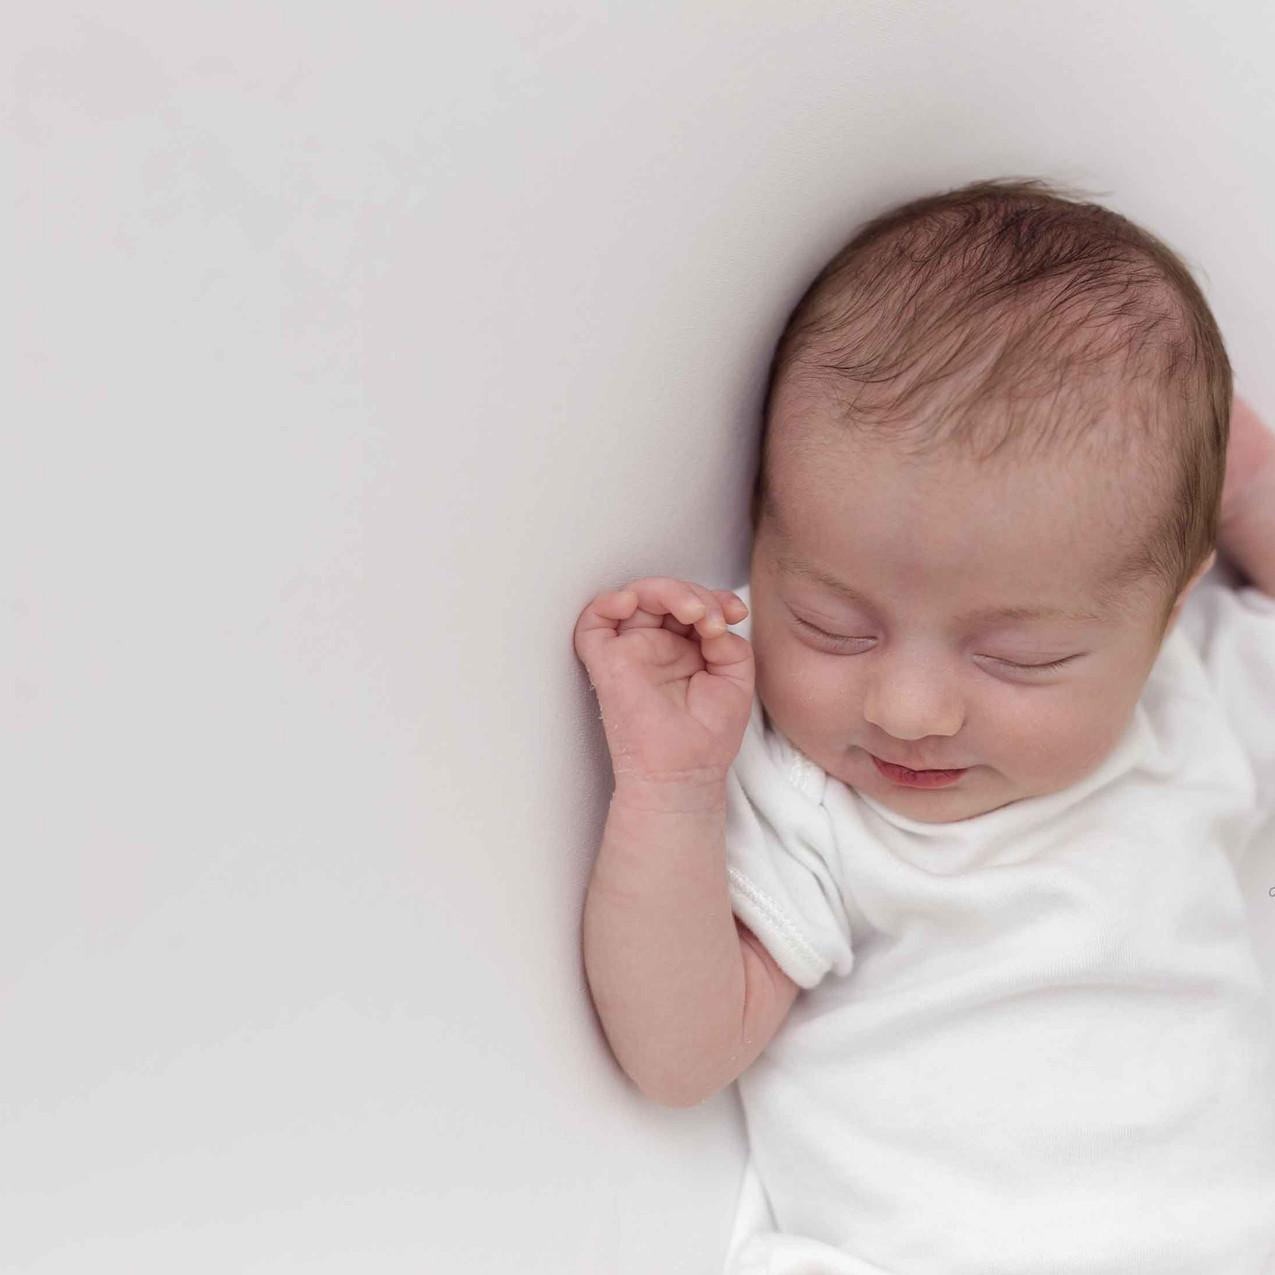 Newborn in white